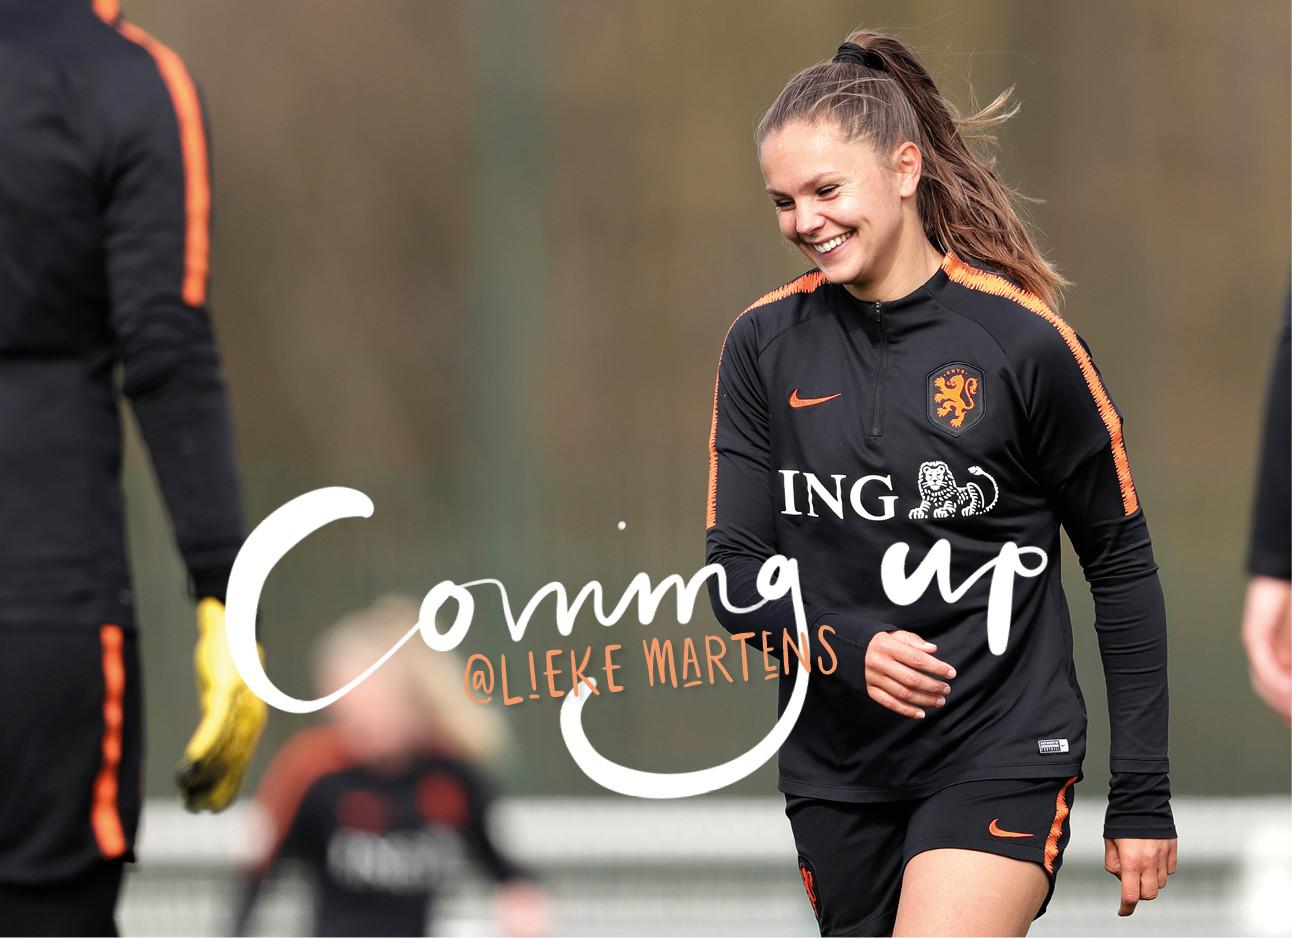 Lieke Martens op het voetbal veld in Ing oranje outfit